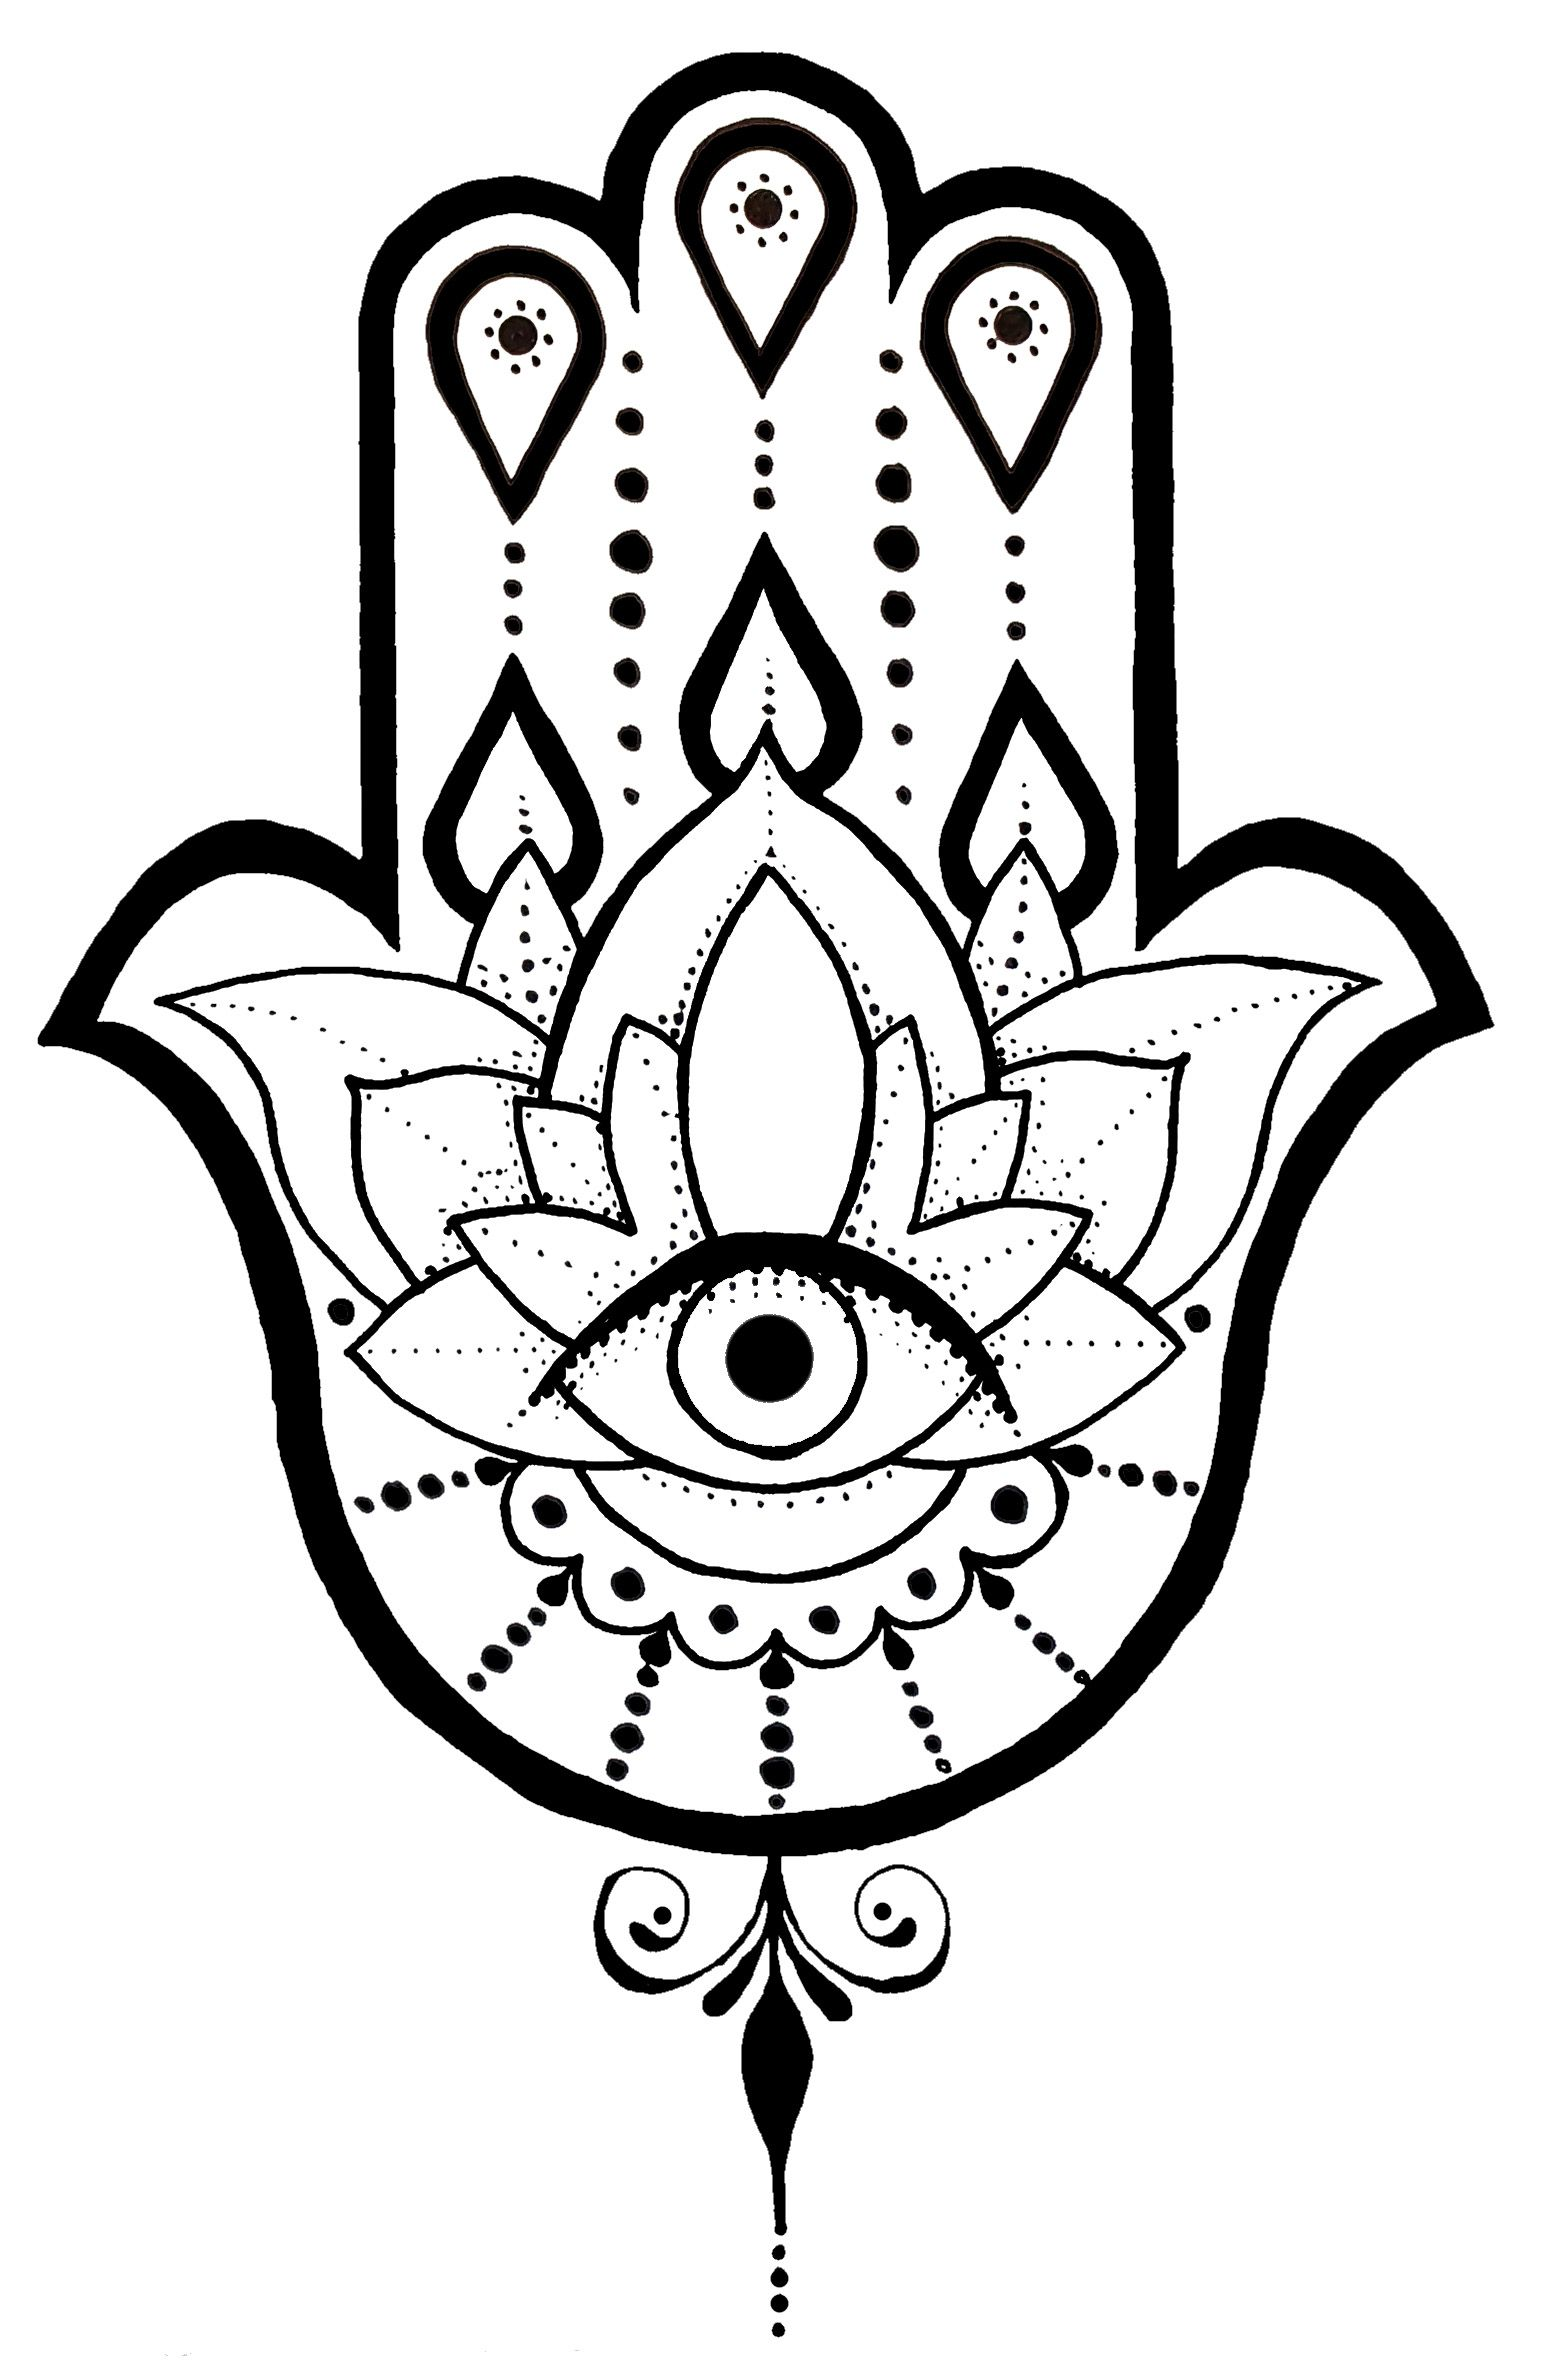 Dibujo Para Colorear 10 Manodefatima Jpg 1542 2363 Con Imagenes